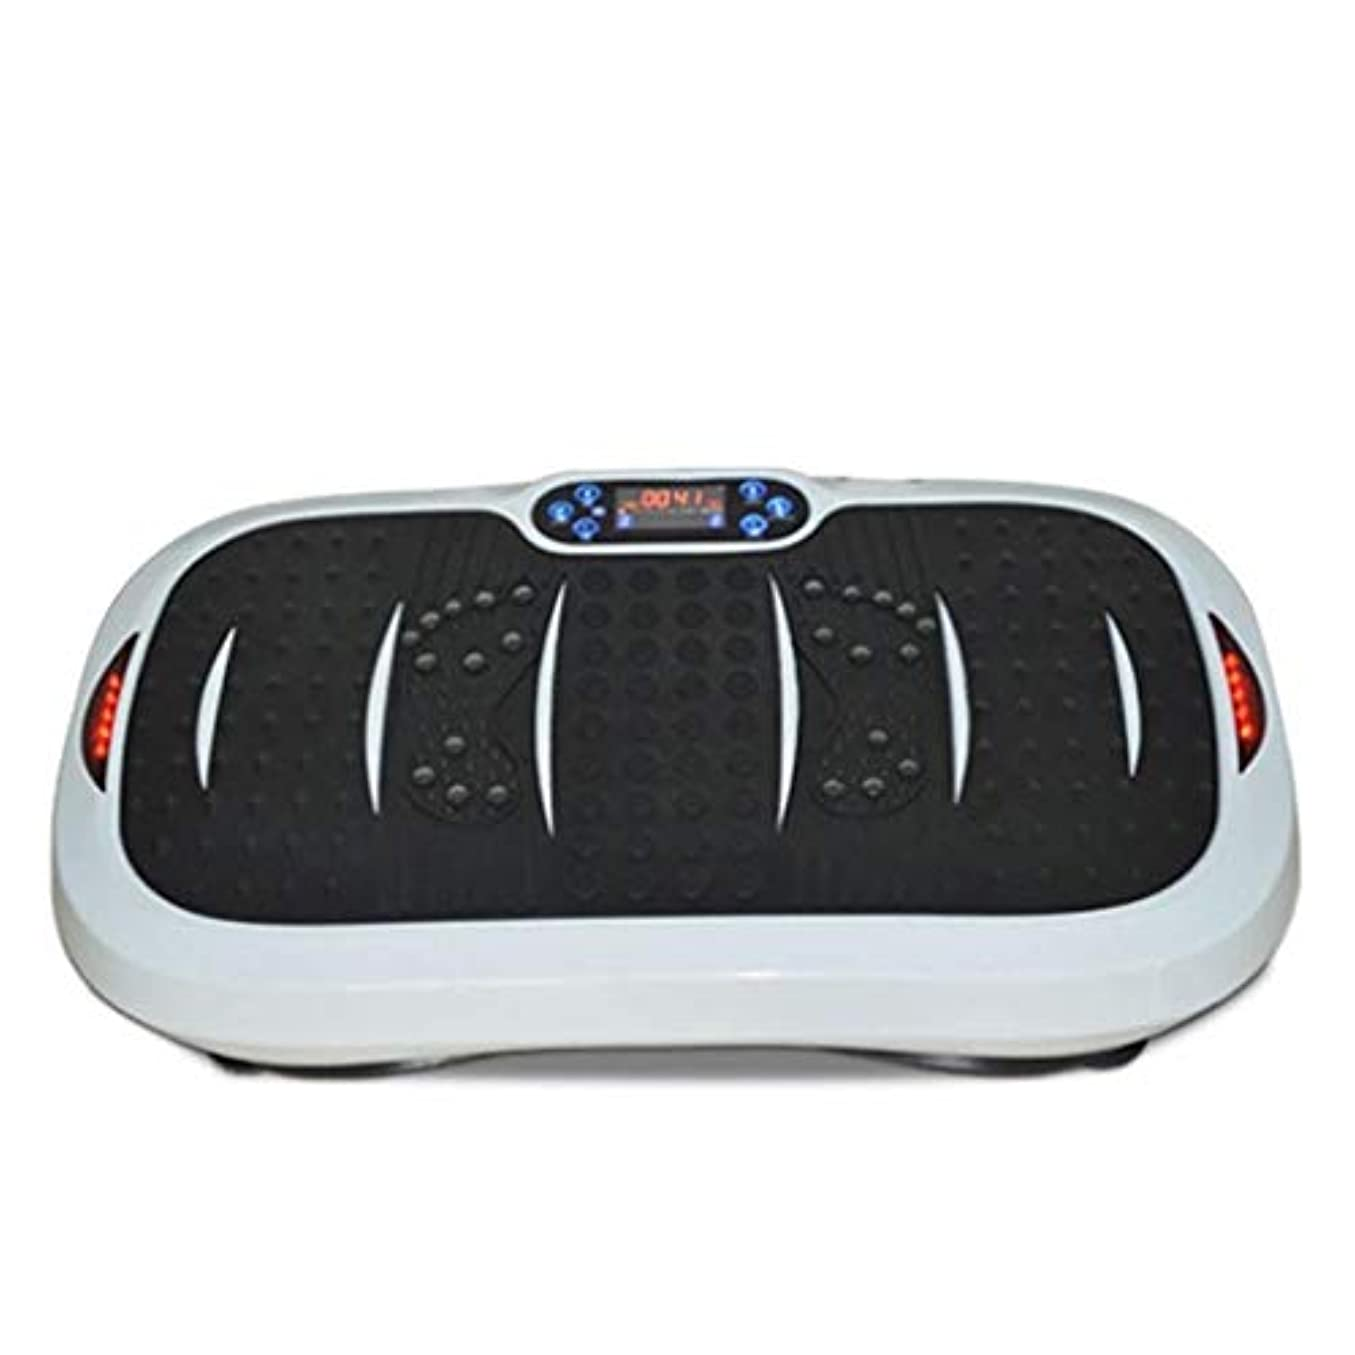 花婿抜本的な広告主家庭用減量装置、超薄型振動フィットネストレーナー、スポーツおよび3Dフィットネス振動プレート、USB音楽/スピーカー付き/ 99レベル減速ボディおよびタッチディスプレイ滑り止め表面